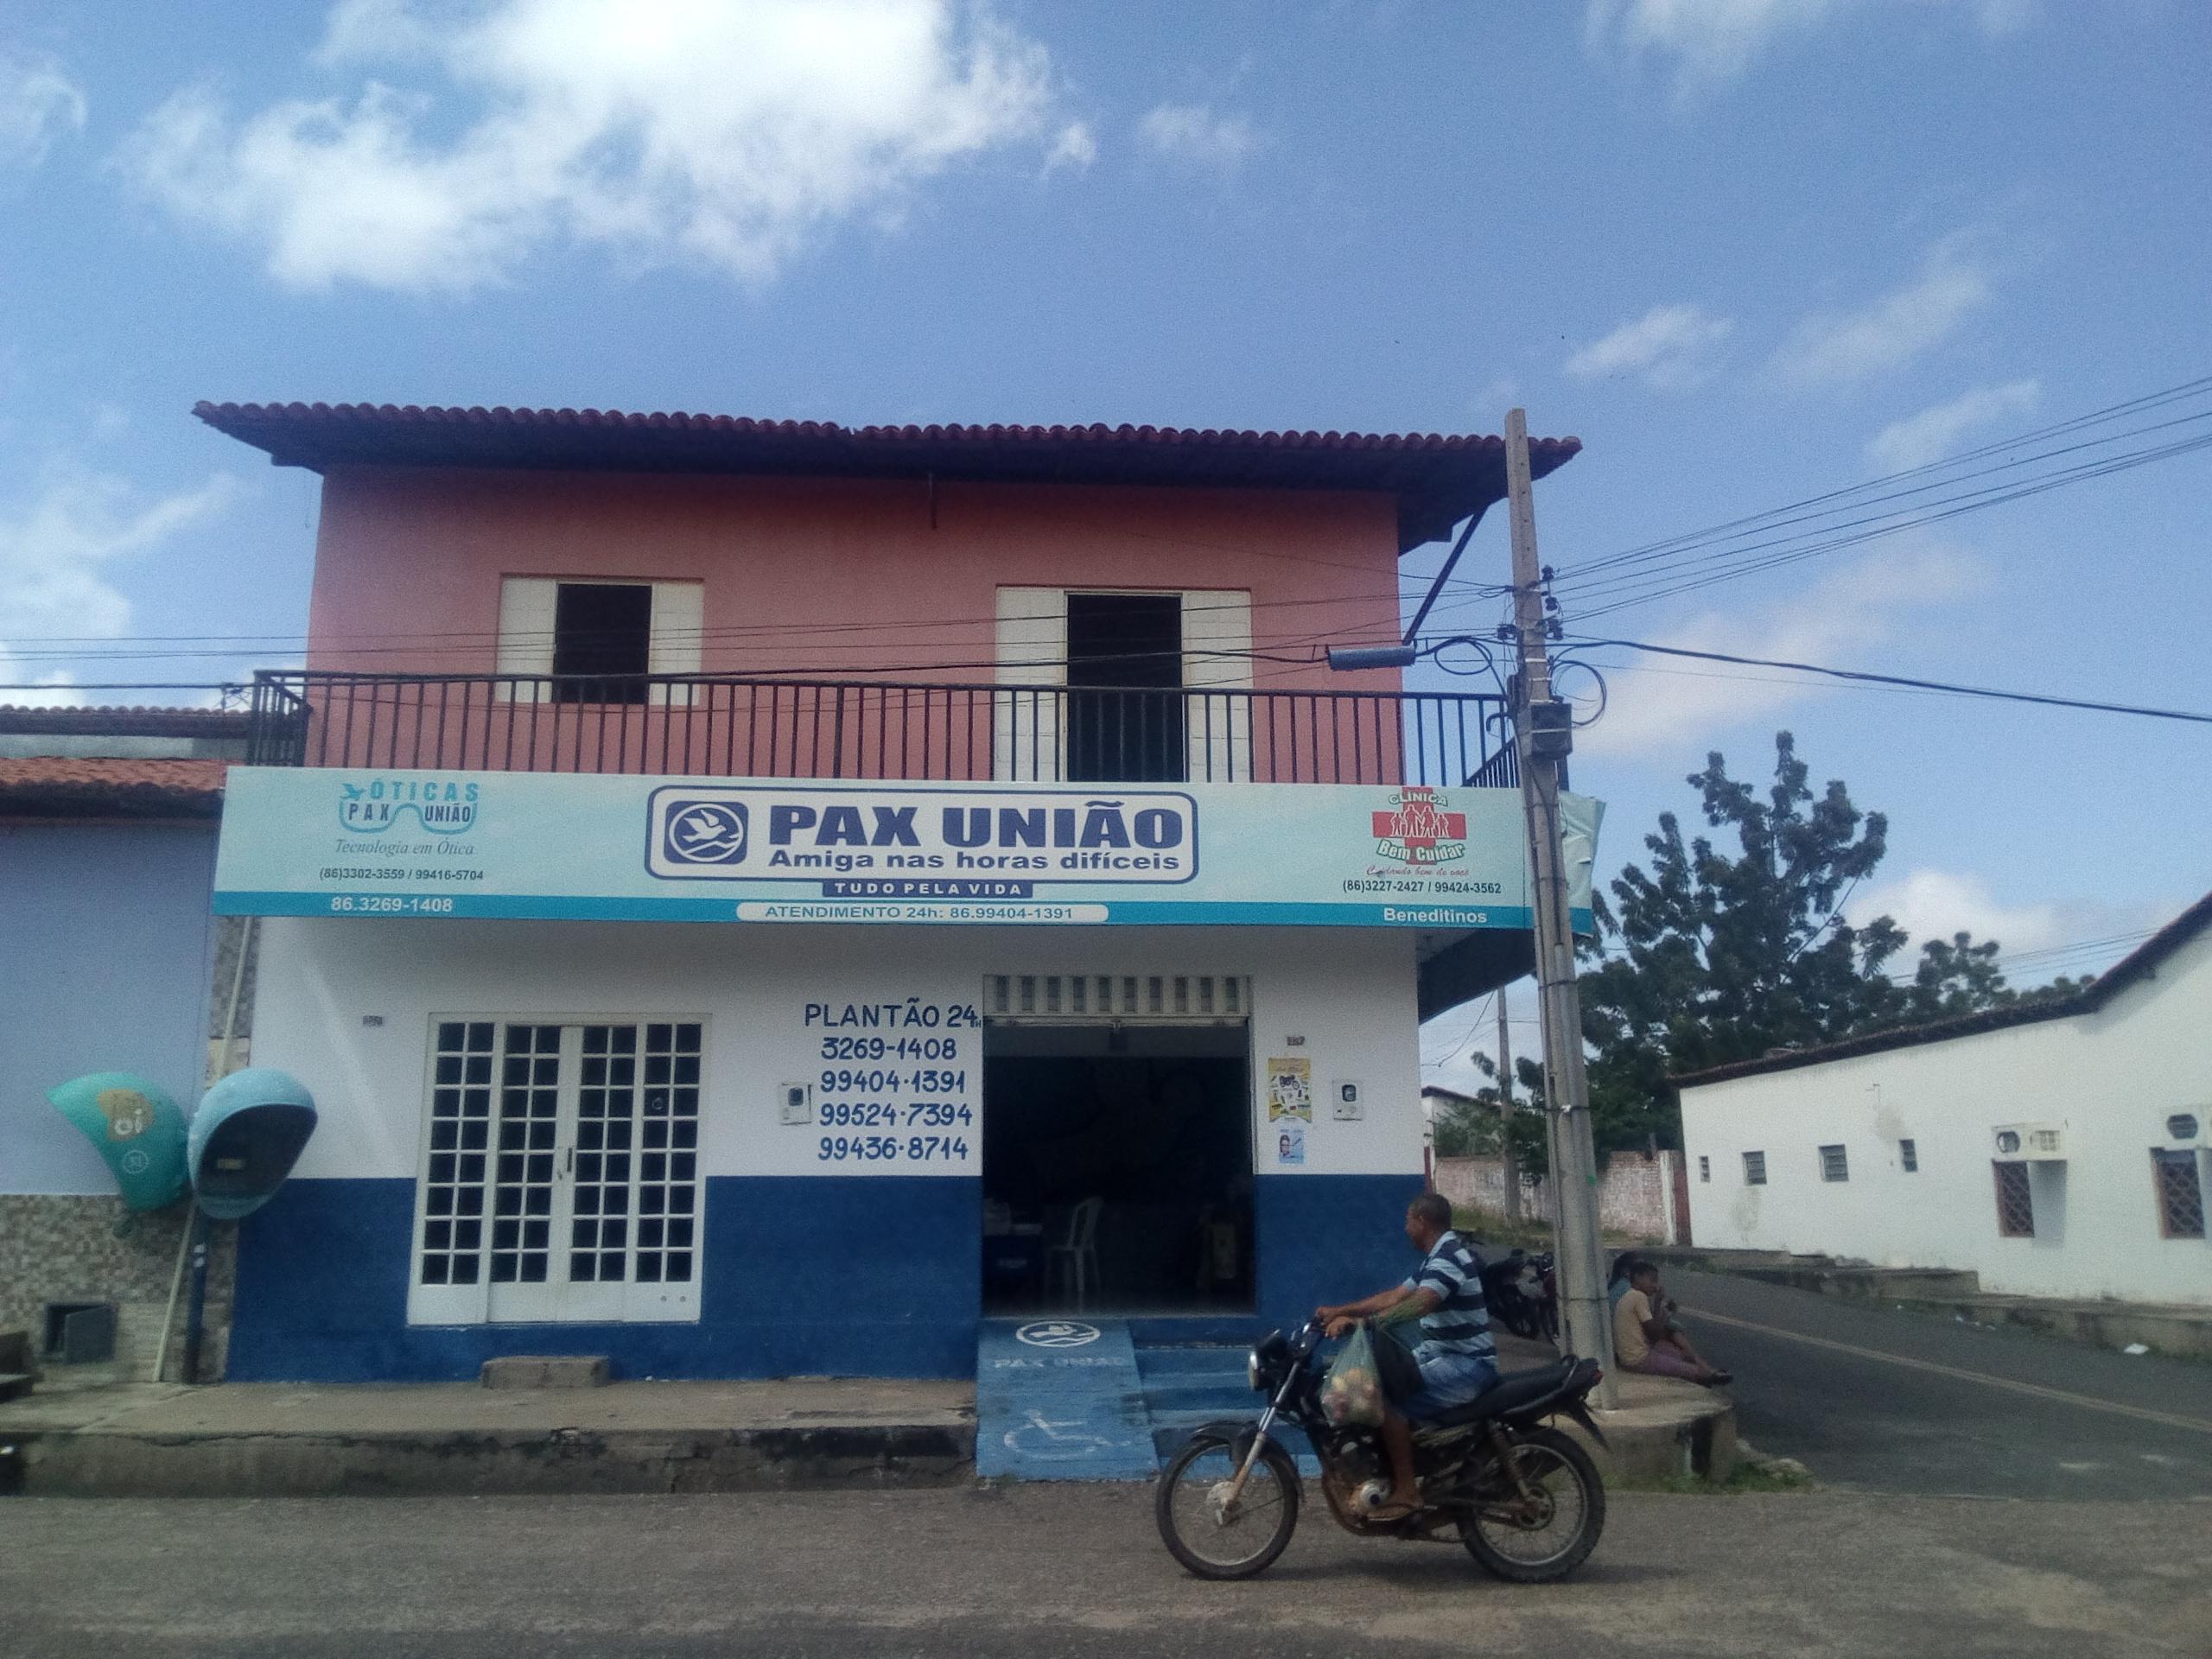 Pax União